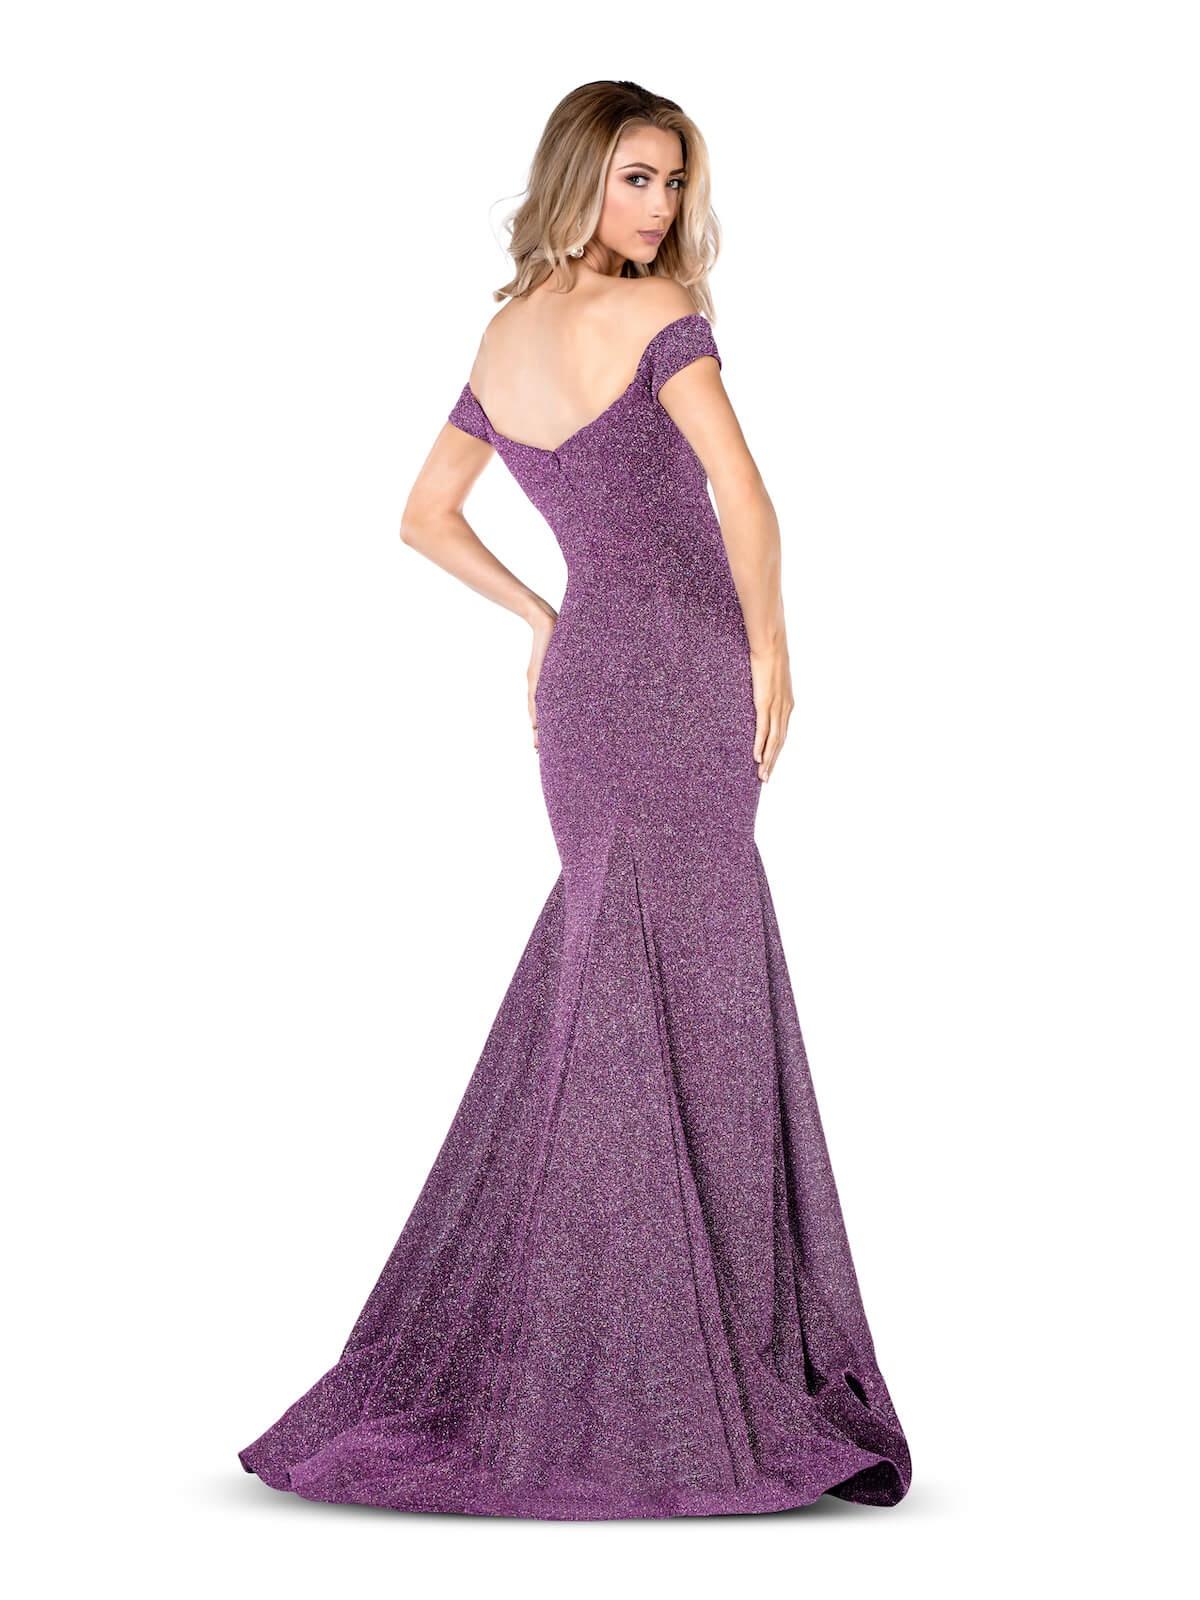 Vienna Purple Size 2 Mermaid Dress on Queenly